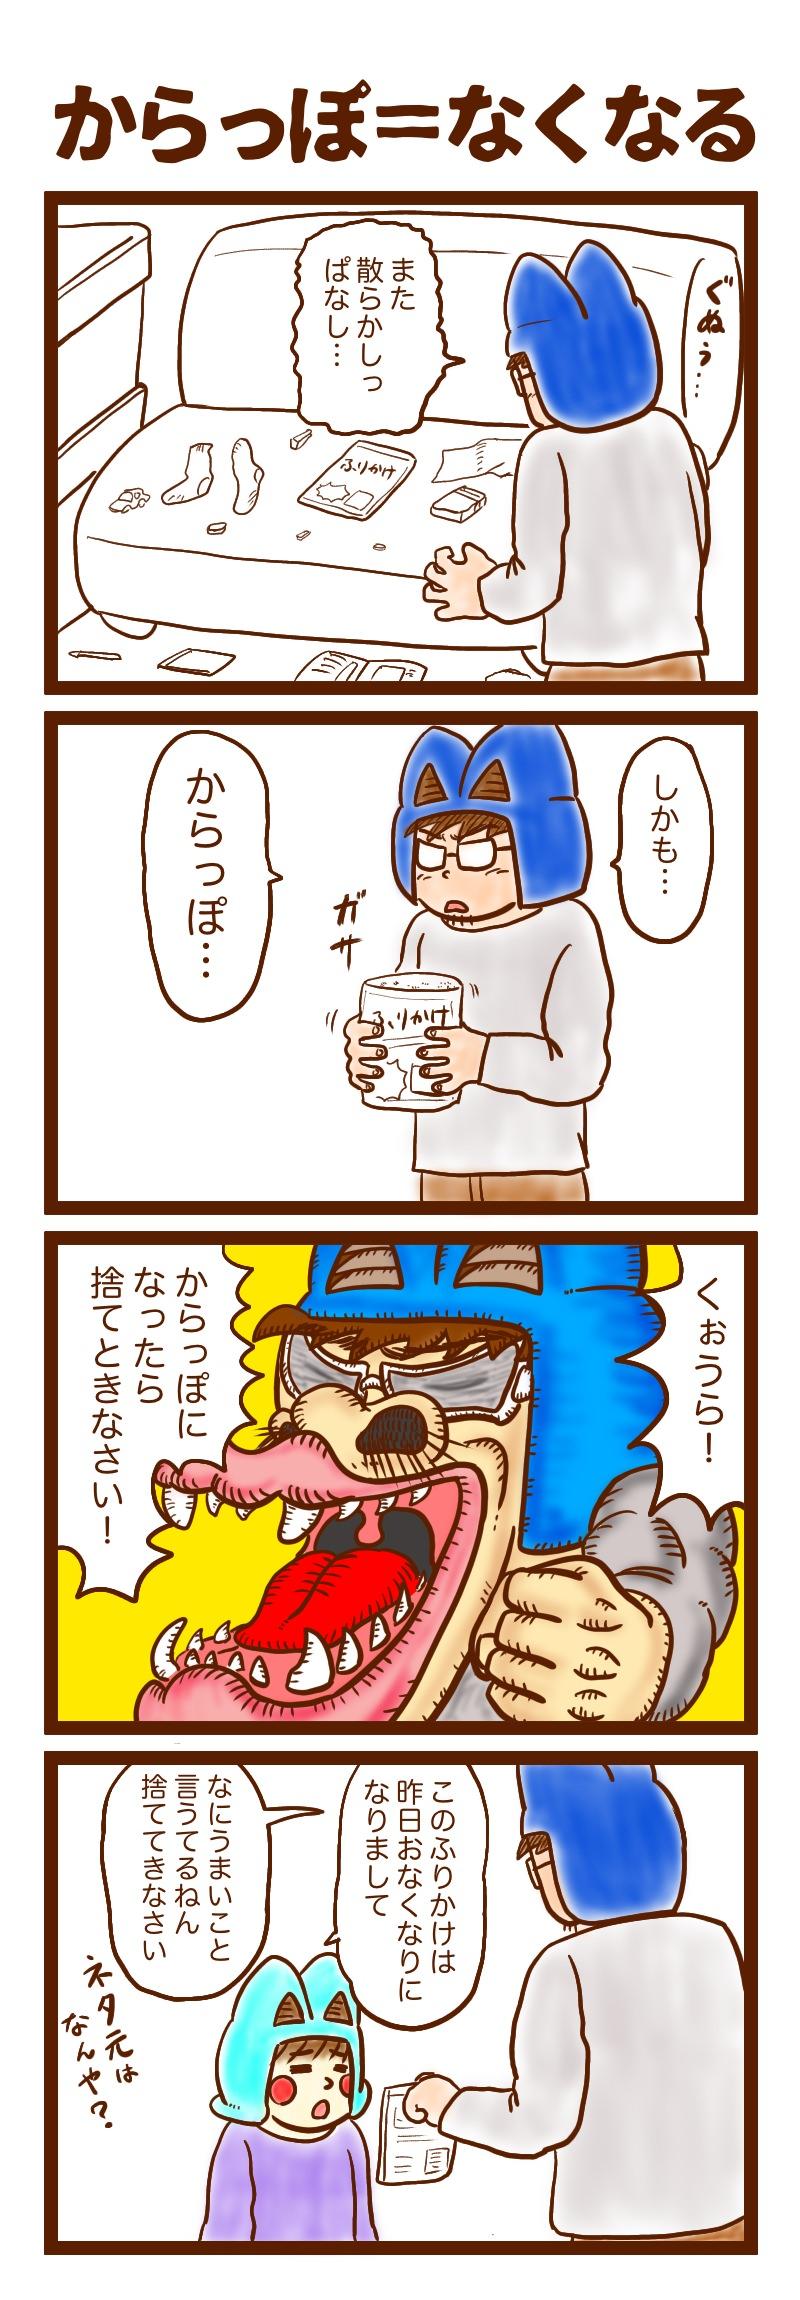 からっぽ=なくなる